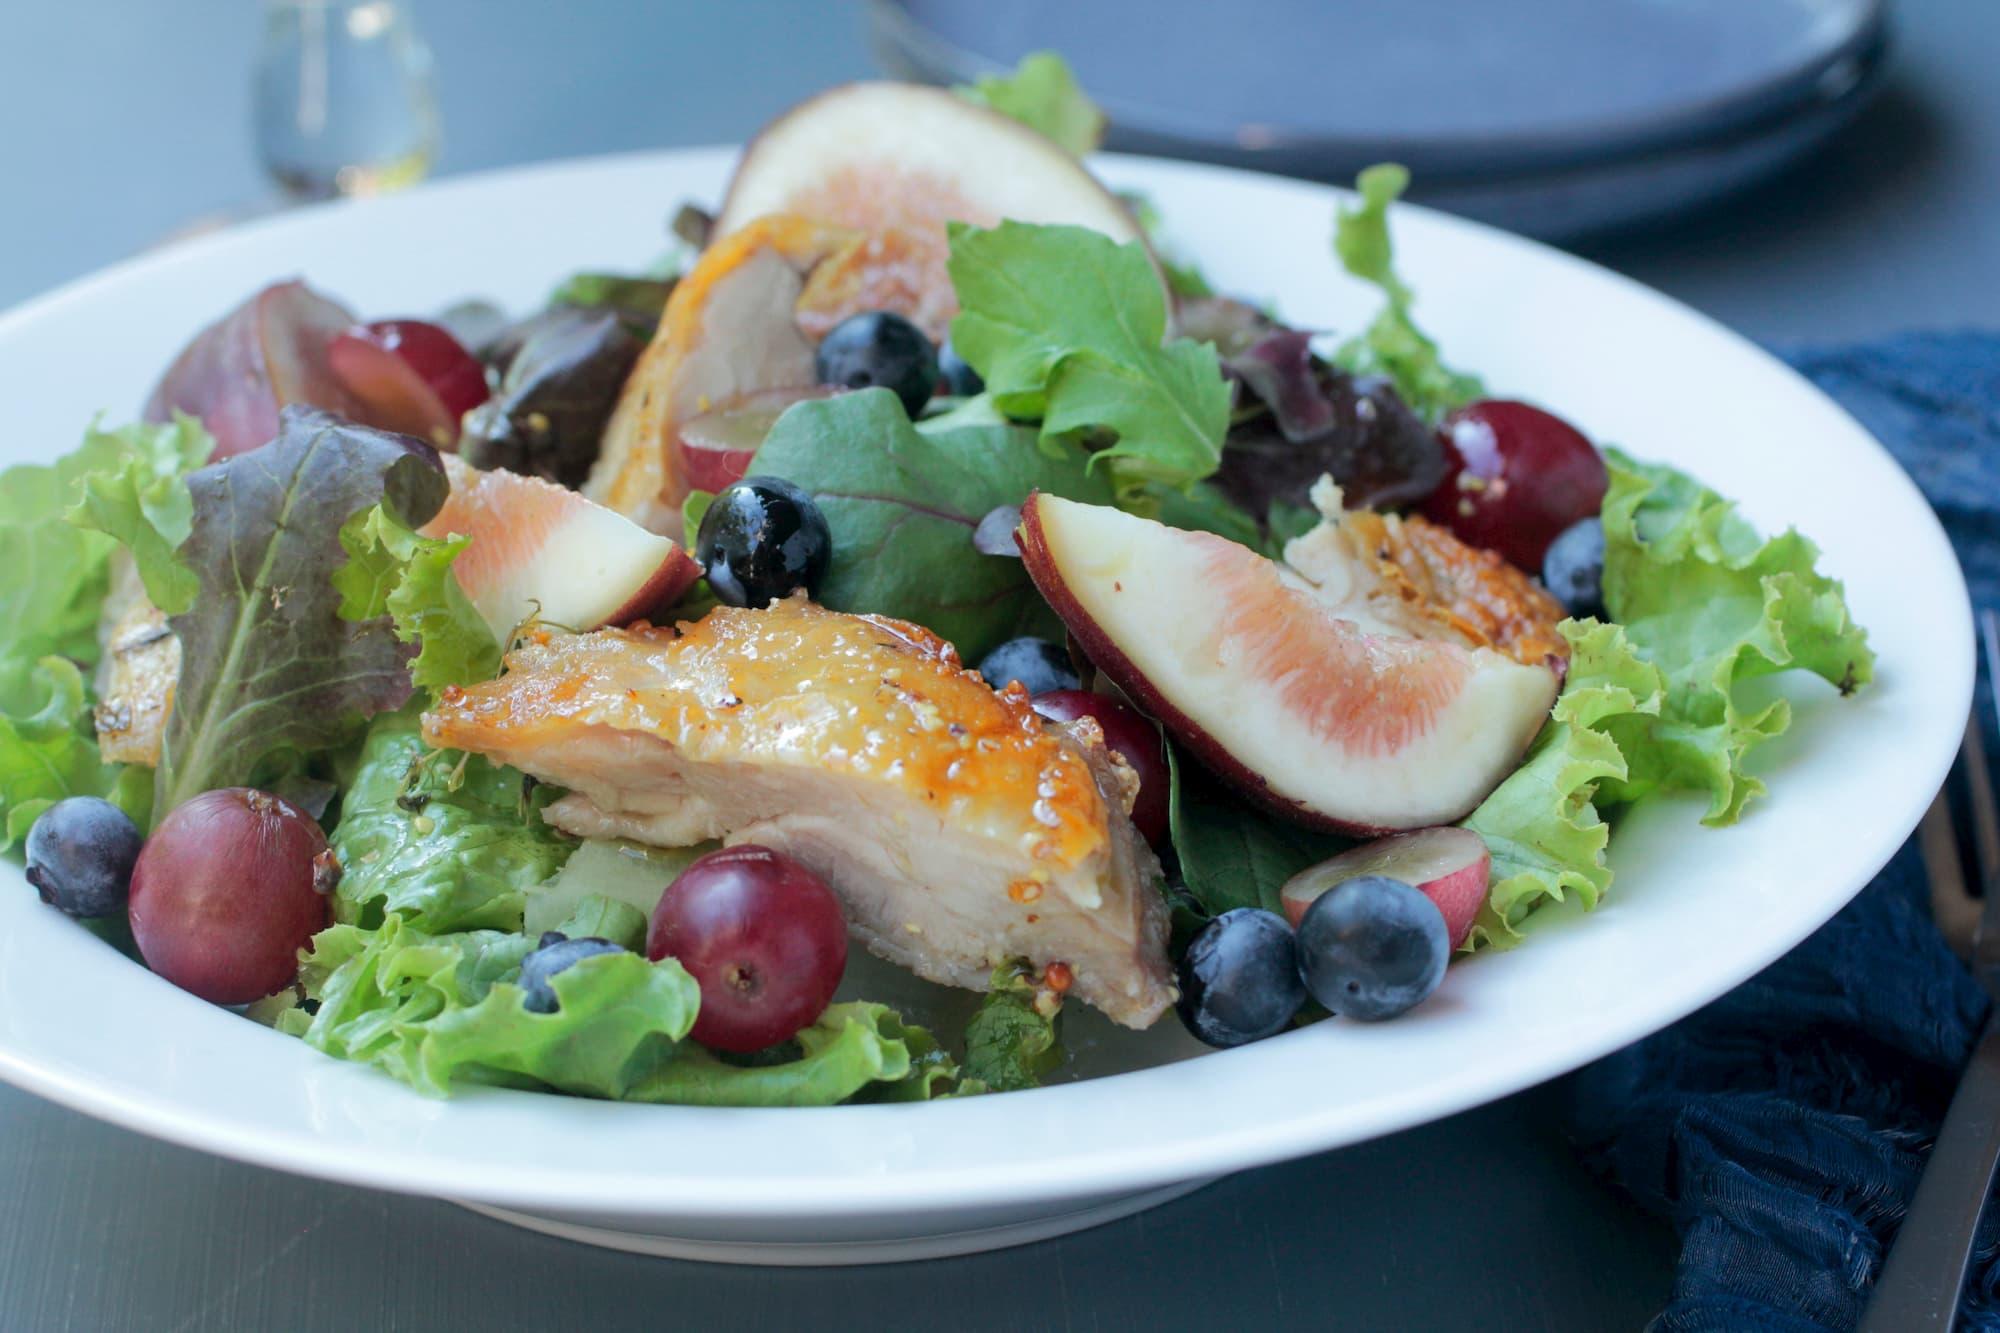 鶏肉、ぶどう、イチジク、ブルーベリーのサラダ